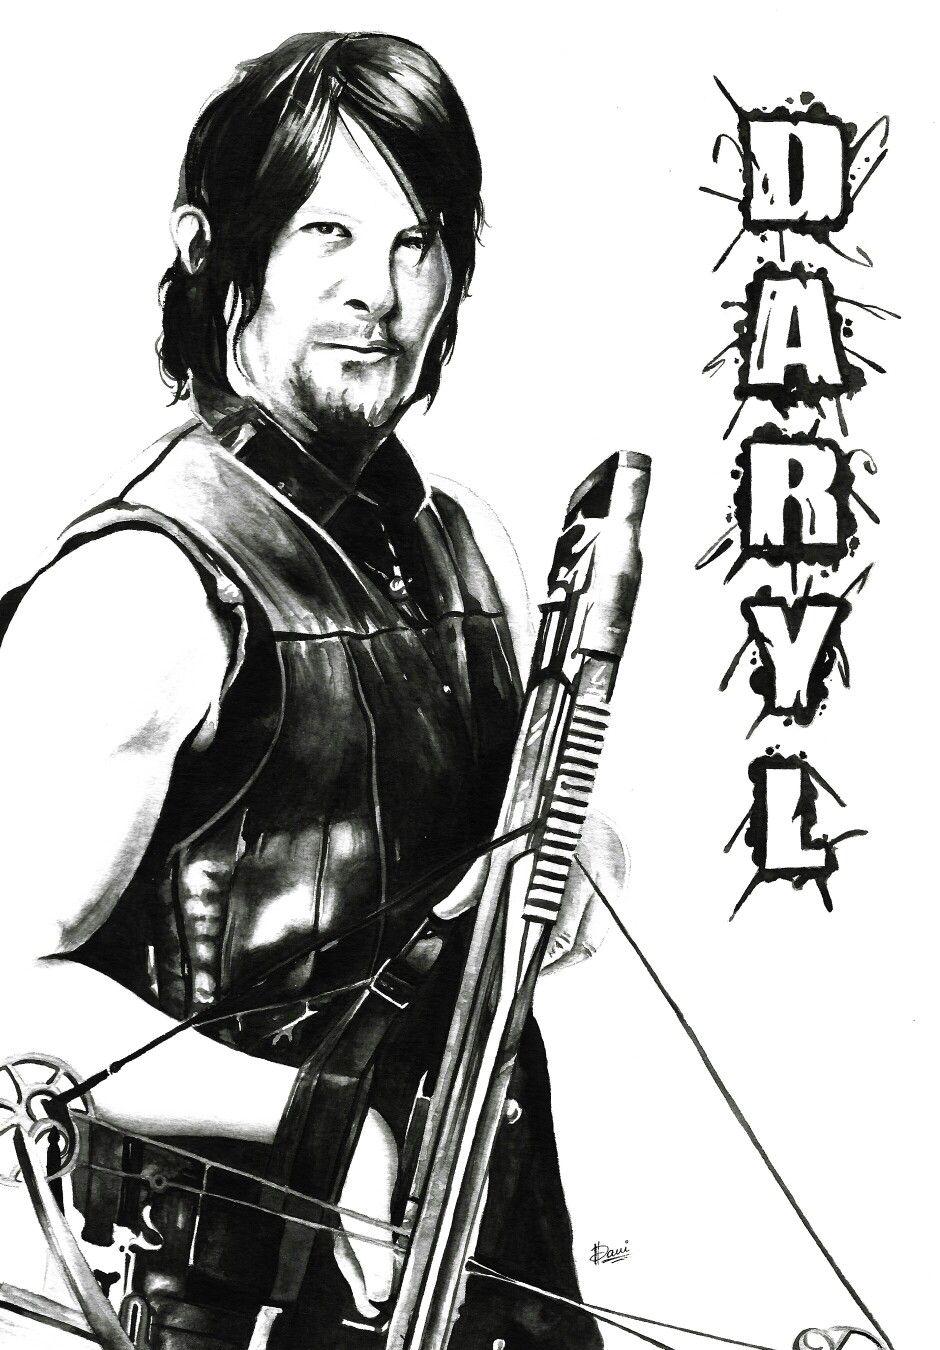 DARYL DIXON (With images) Daryl dixon, Dixon, Daryl